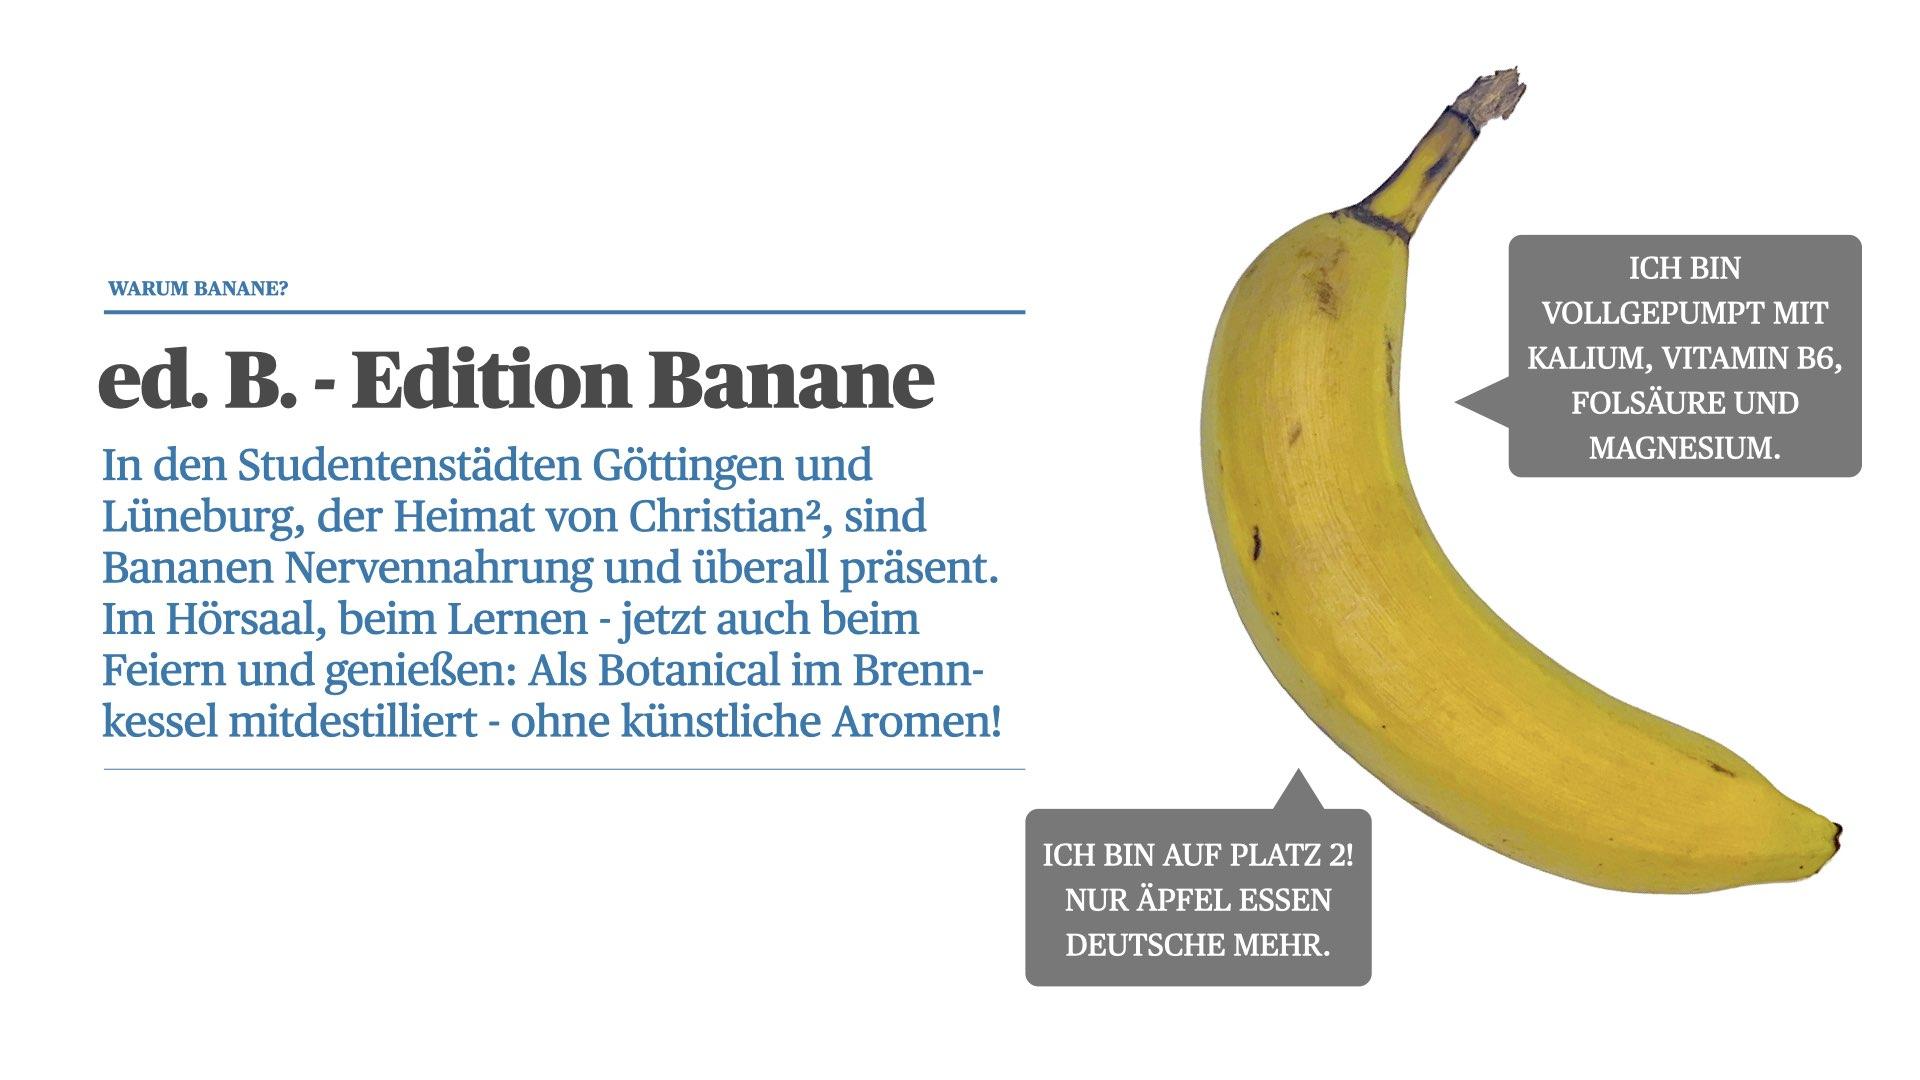 In den Studentenstädten Göttingen und Lüneburg, der Heimat von Christian², sind Bananen Nervennahrung und überall präsent. Im Hörsaal, beim Lernen - jetzt auch beim Feiern und genießen: Als Botanical im Brenn-kessel mitdestilliert - ohne künstliche Aromen!